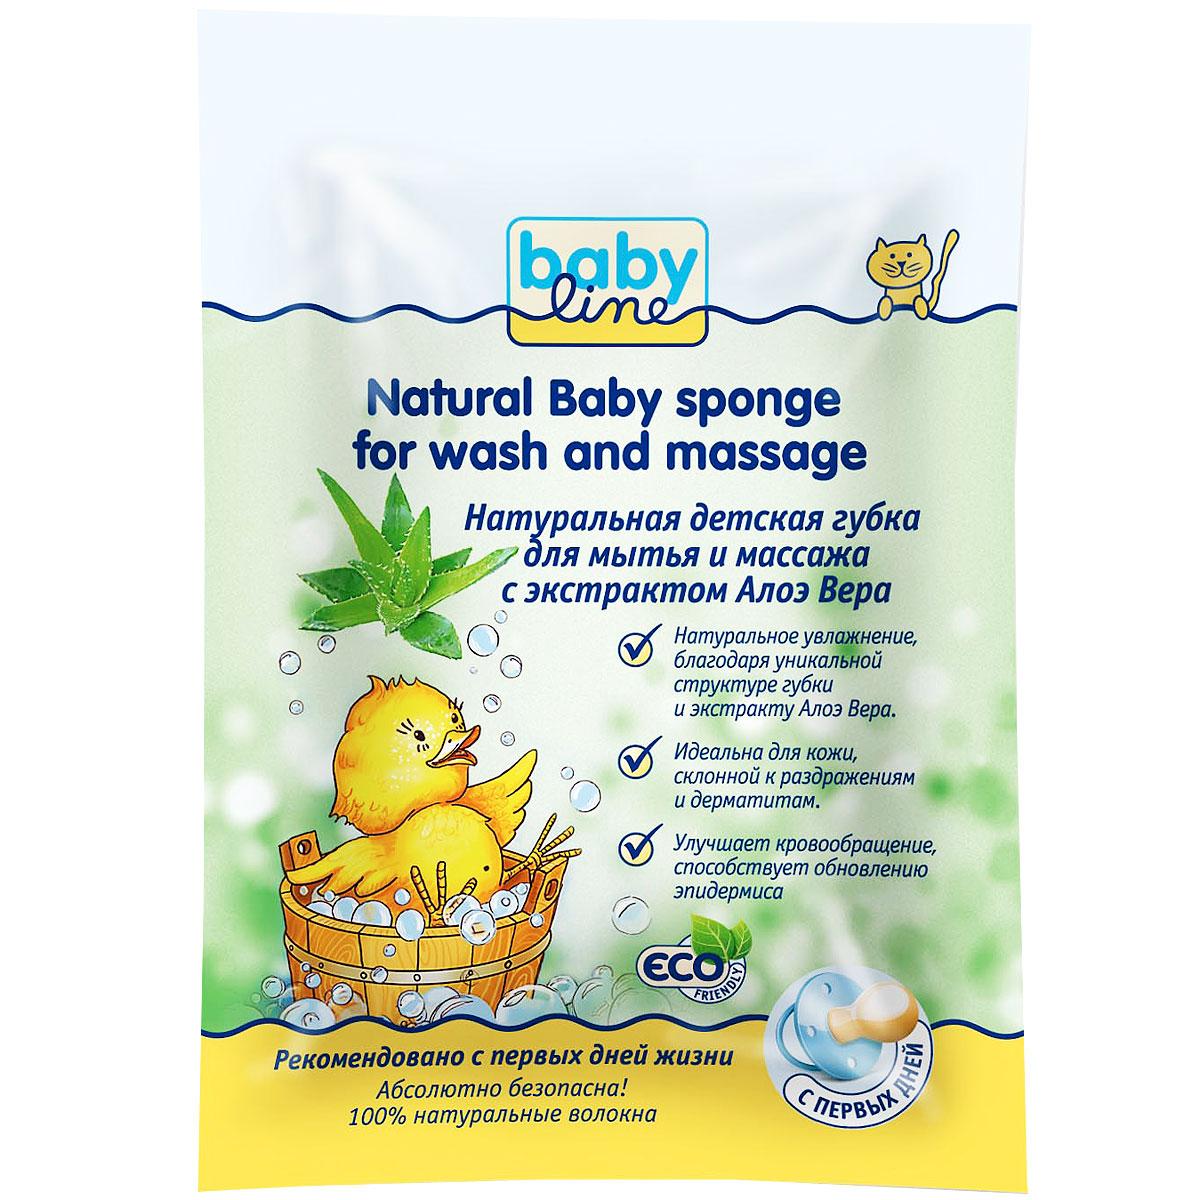 BabyLine Натуральная детская губка для мытья и массажа, с экстрактом Алоэ ВераDB051